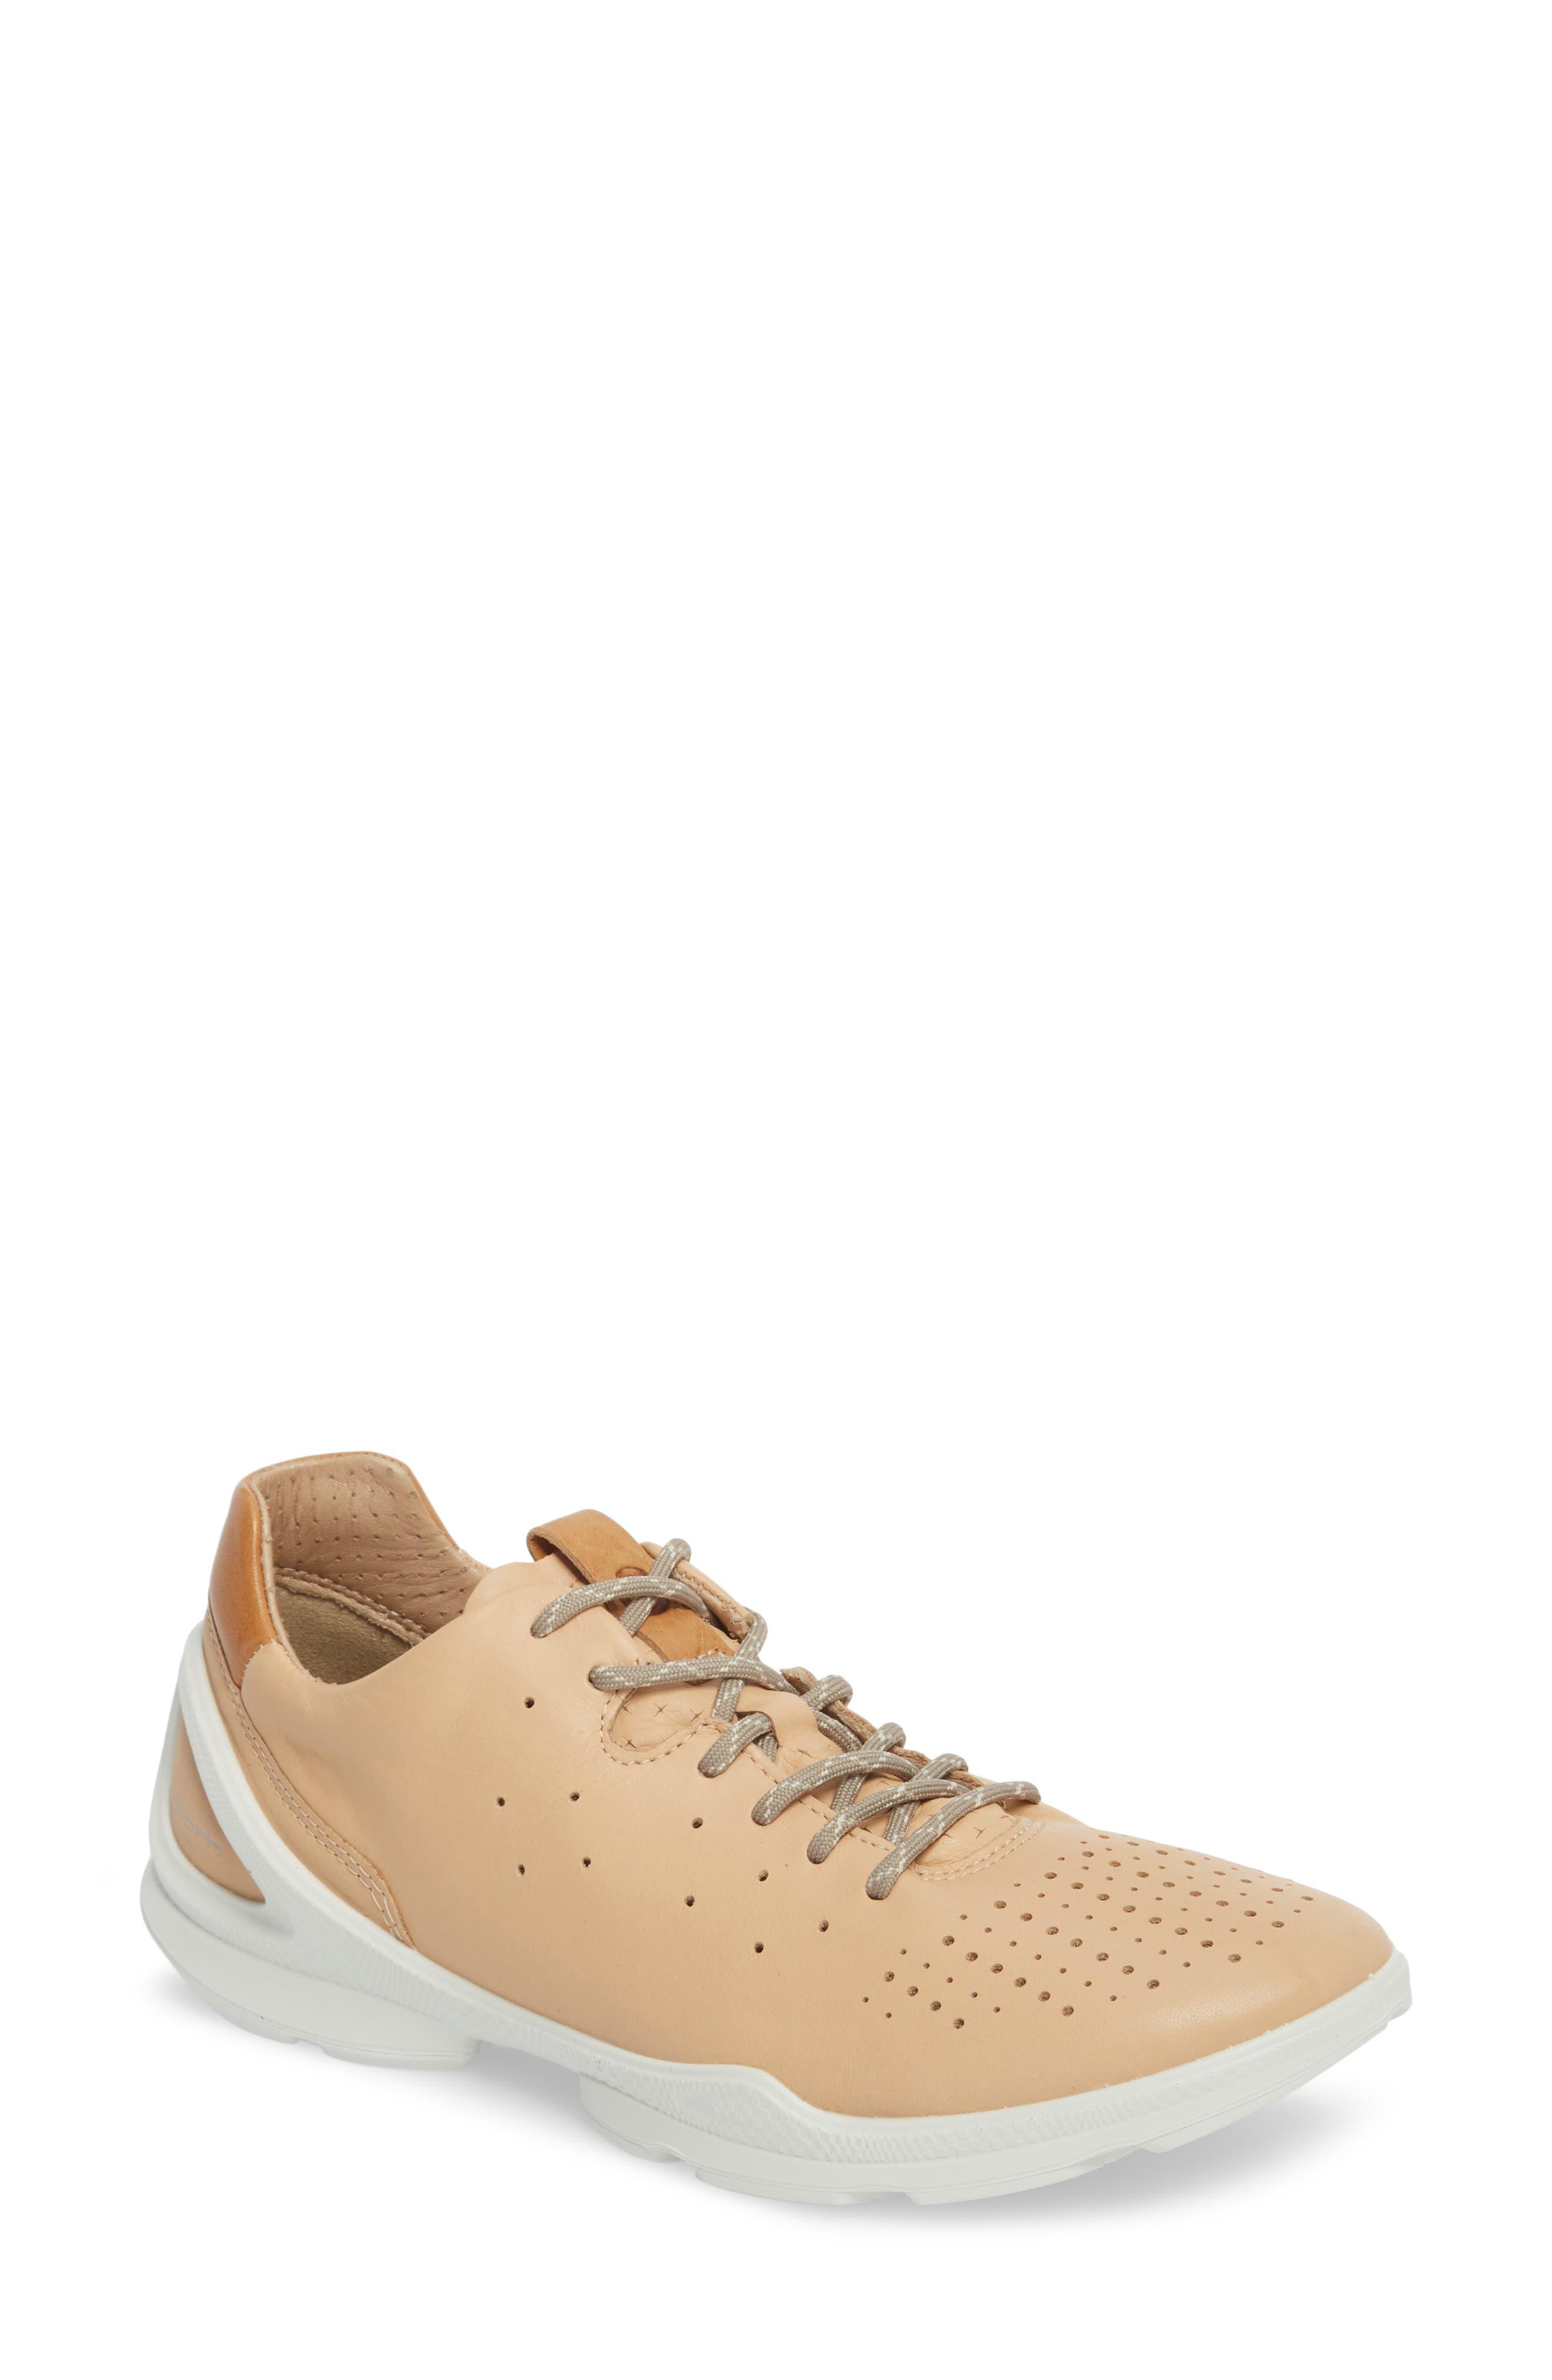 Biom Street Sneaker,                         Main,                         color,